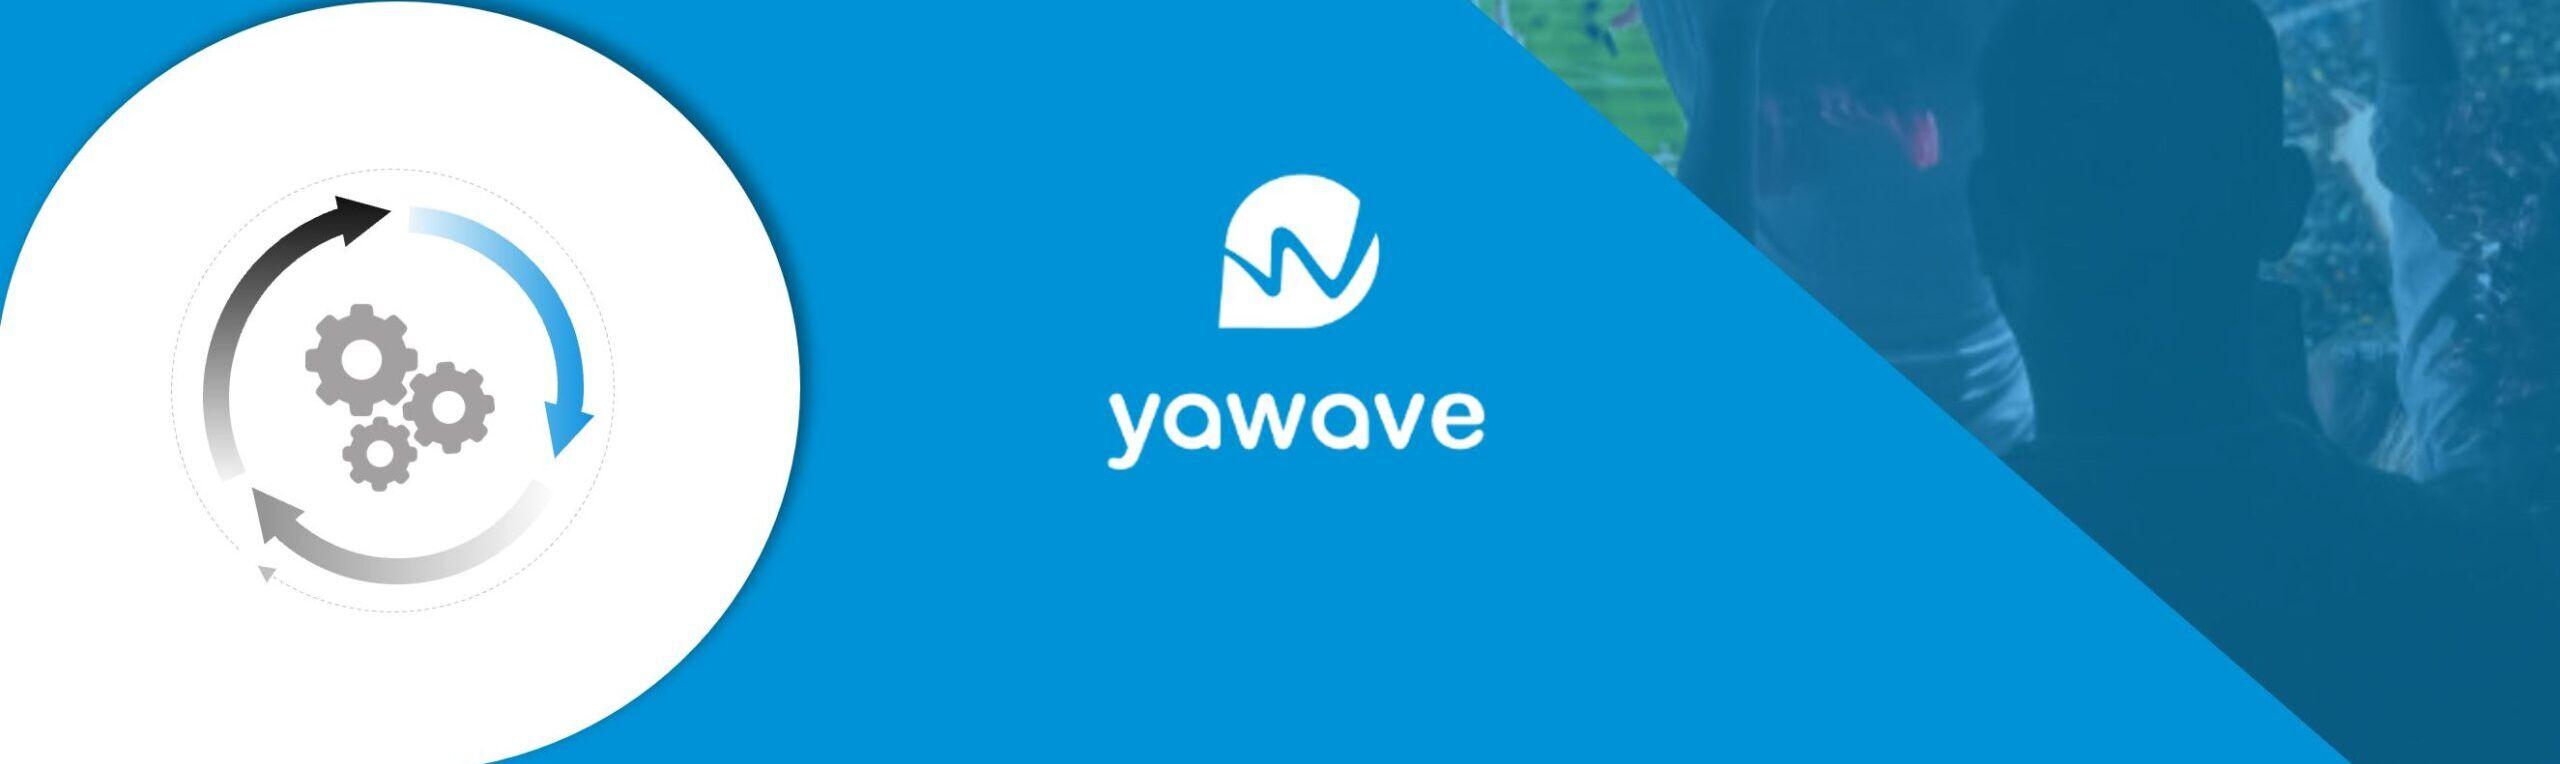 teaser_yawave